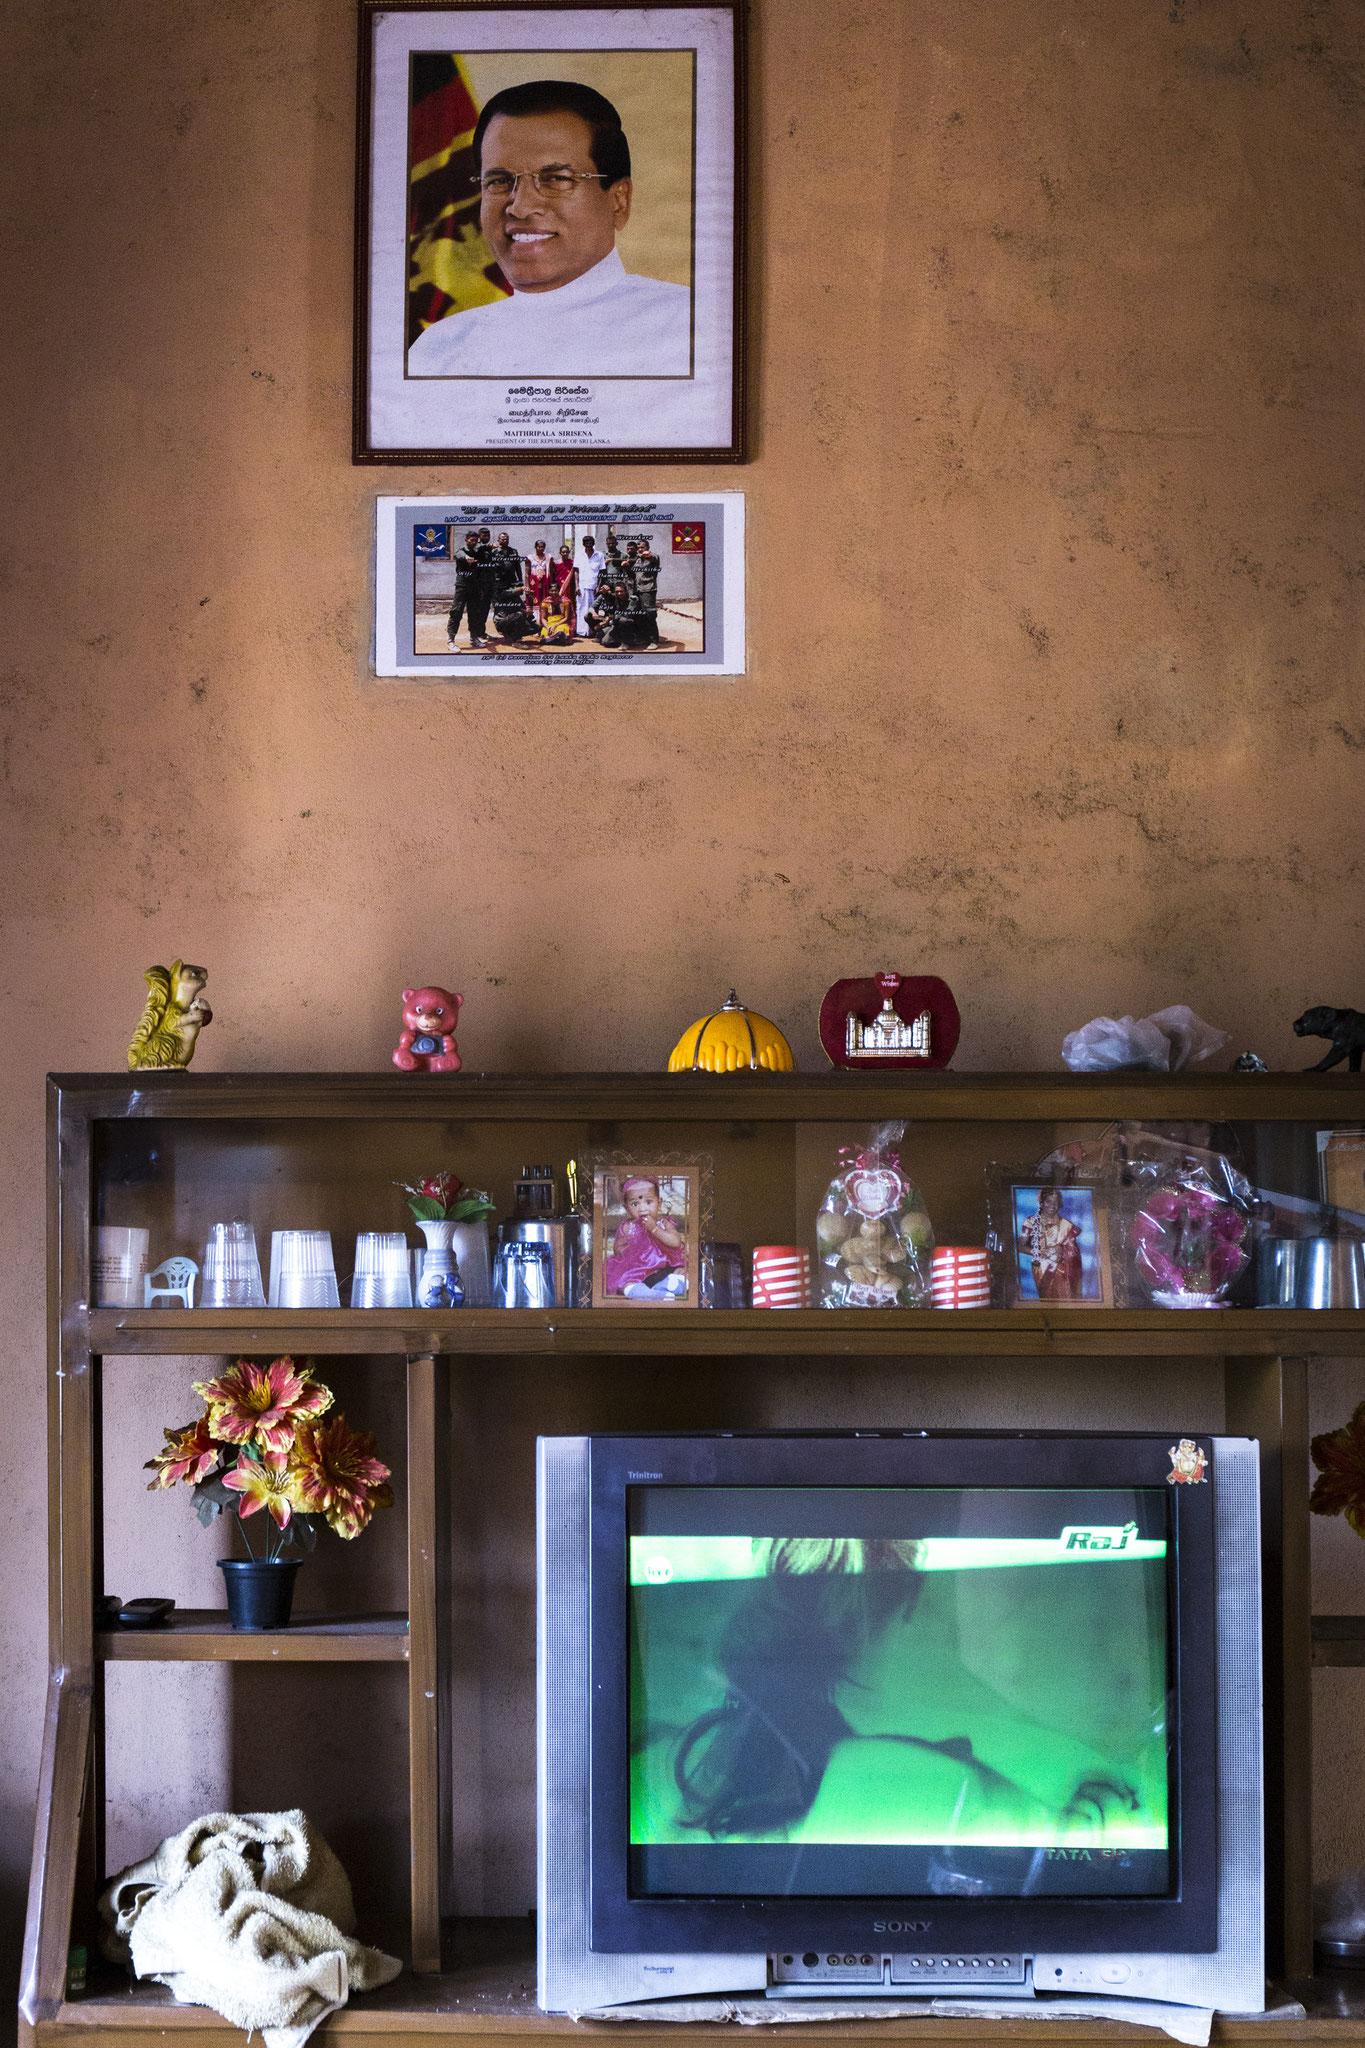 In den Häusern, die die Regierung für die von ihr selbst vertriebenen Familien errichtet hat, ist es Gesetz, dass das Bild des Präsidenten im Wohnzimmer hängt. Direkt darunter ist ein Bild in die Wand eingelassen, auf dem die Soldaten zu sehen sind, die